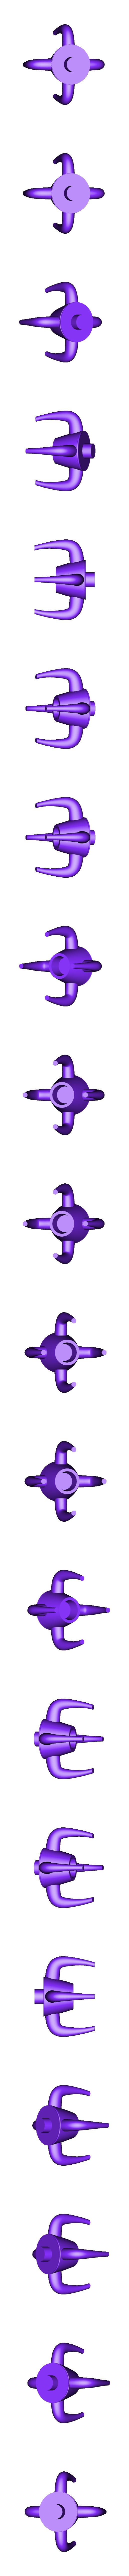 Rocket 2 base.stl Download STL file Rocket King • 3D printer model, saulpintor